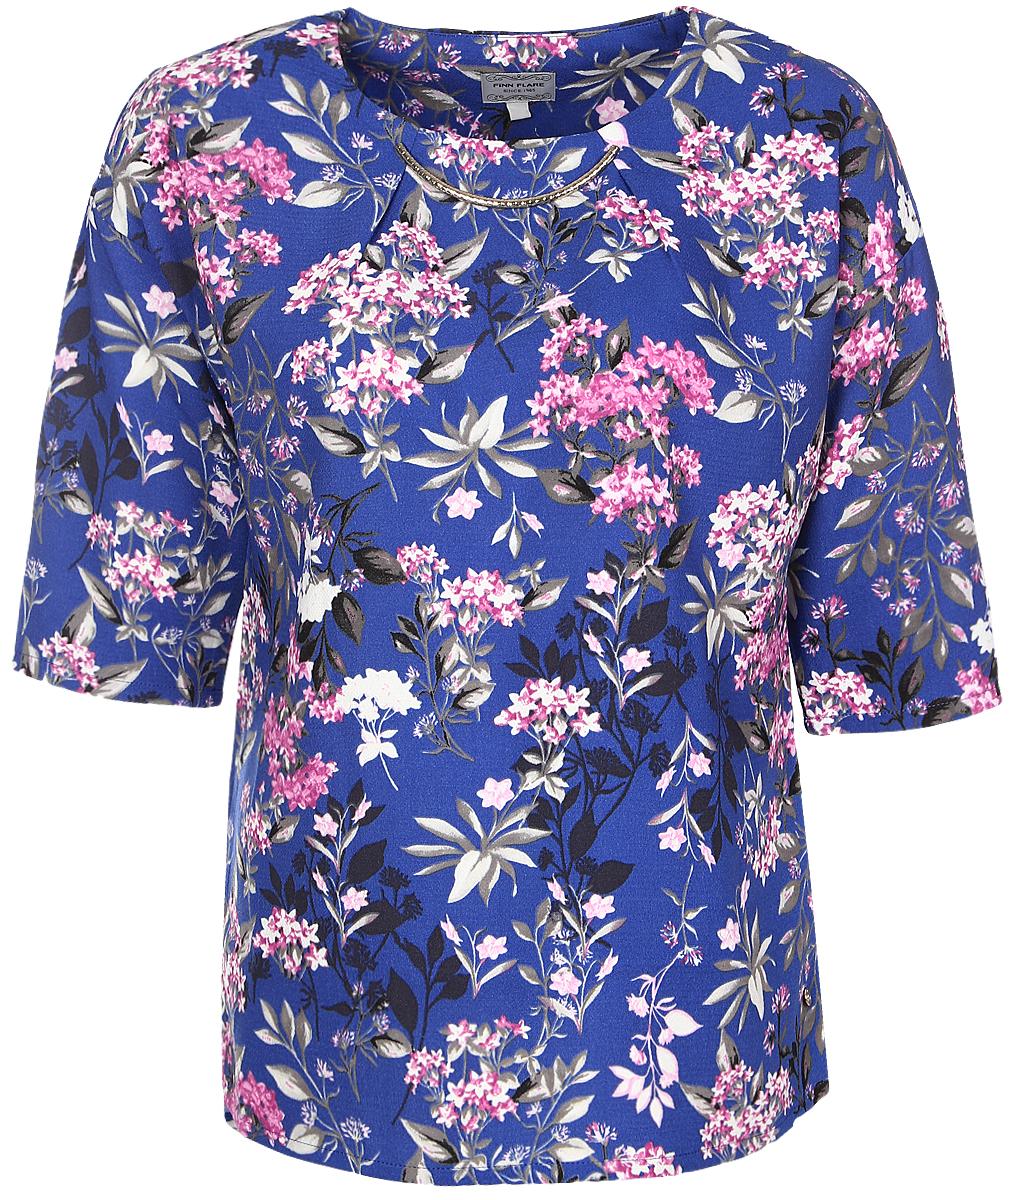 Блузка женская Finn Flare, цвет: синий. B17-11075_103. Размер L (48)B17-11075_103Женская блуза Finn Flare с рукавами до локтя и круглым вырезом горловины выполнена из 100% полиэстера. Блузка имеет свободный крой. Модель оформлена крупным металлическим декоративным элементом под горловиной и украшена оригинальным цветочным принтом.